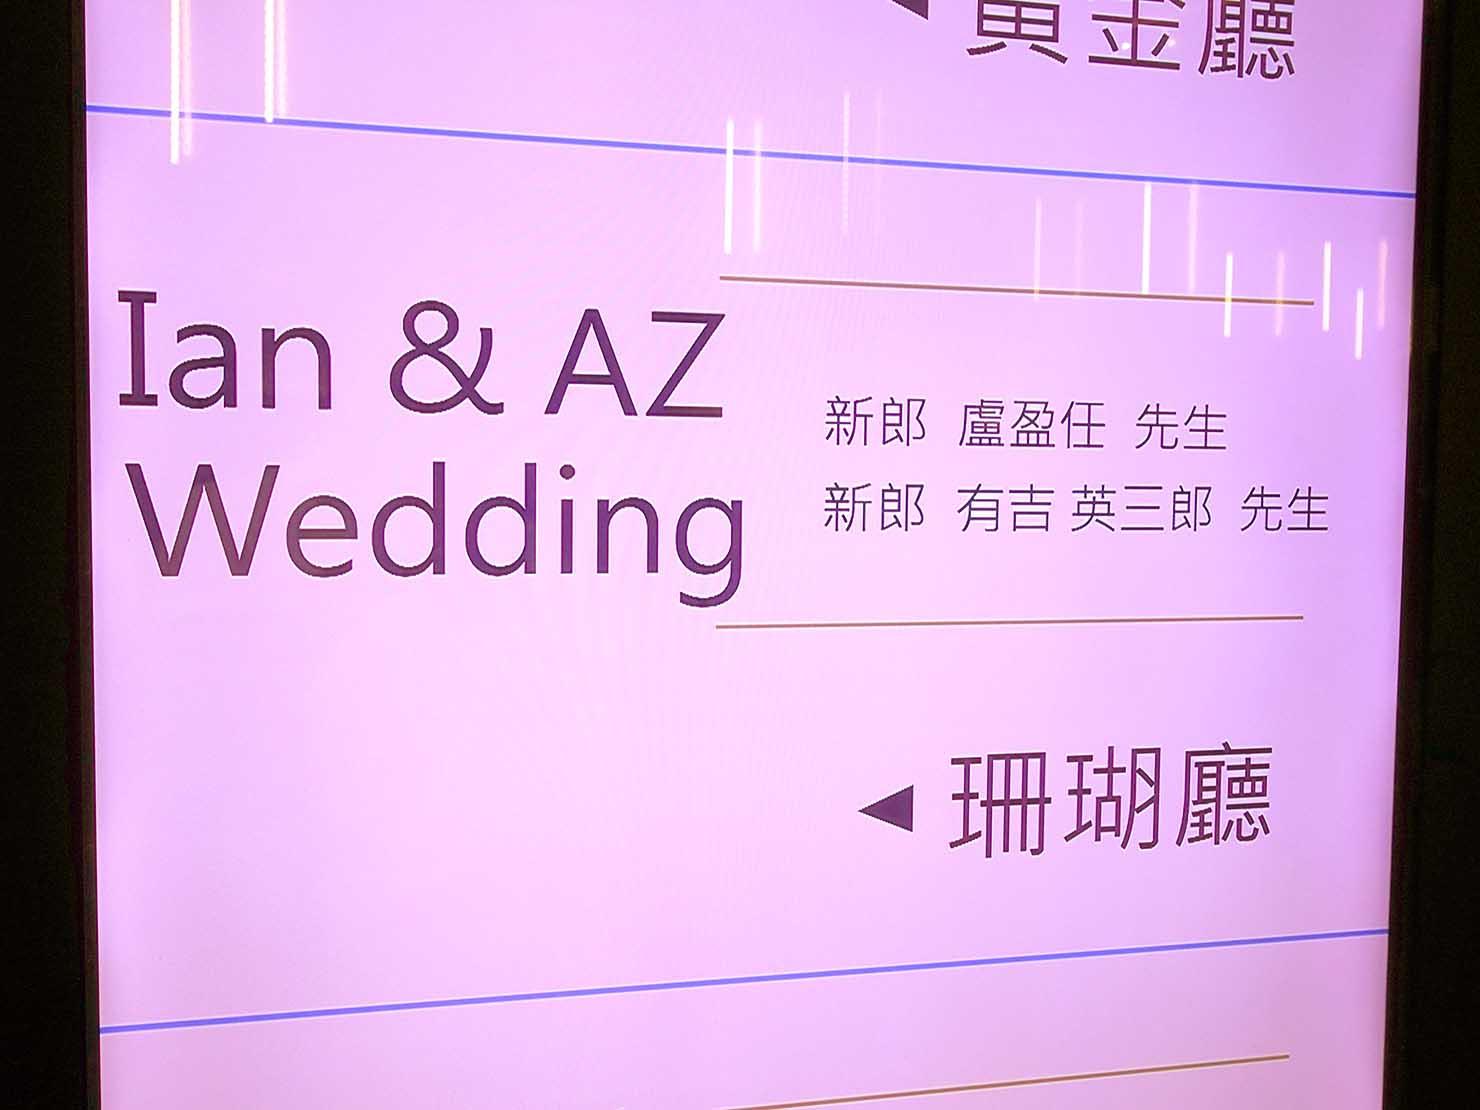 台日同性カップルの友人の結婚式会場前に置かれた案内板